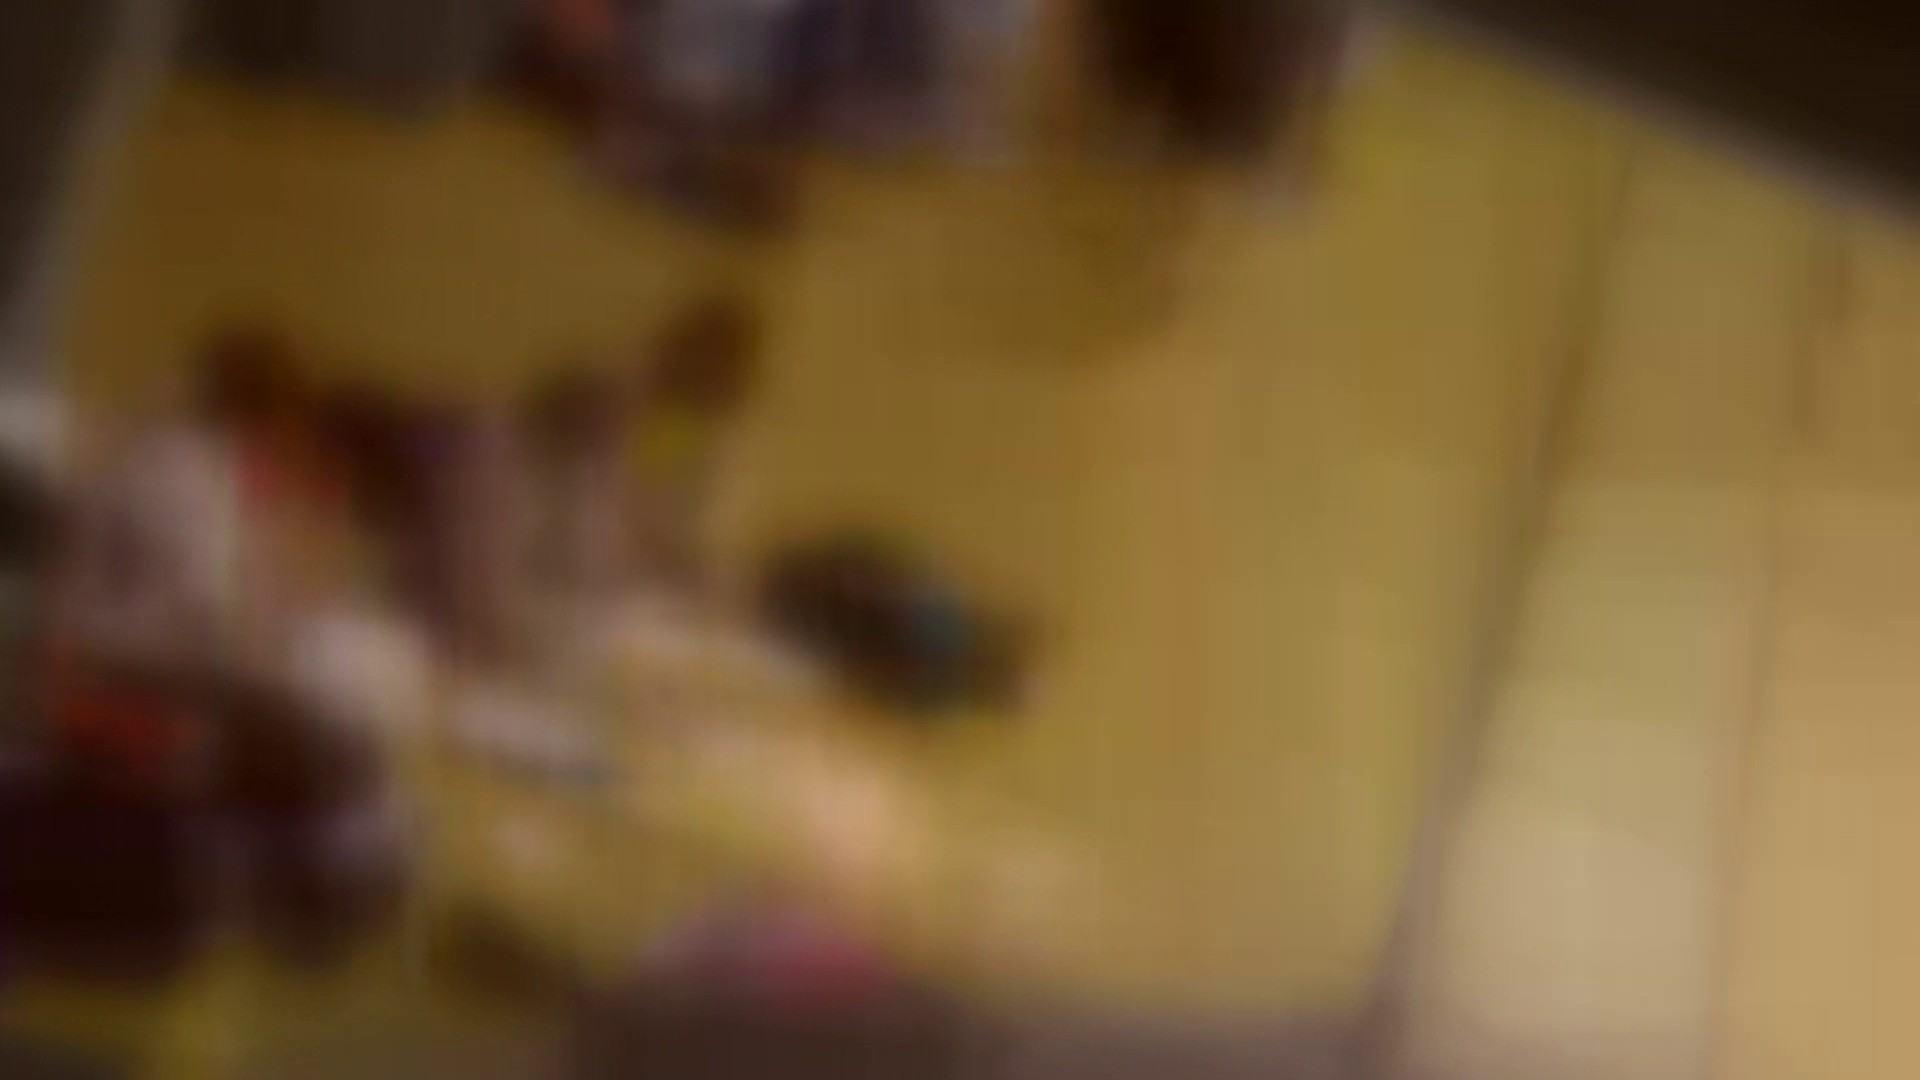 【期間・個数限定配信】 マンコ丸見え!第三体育館潜入撮File001 期間限定   マンコ特集  77連発 20